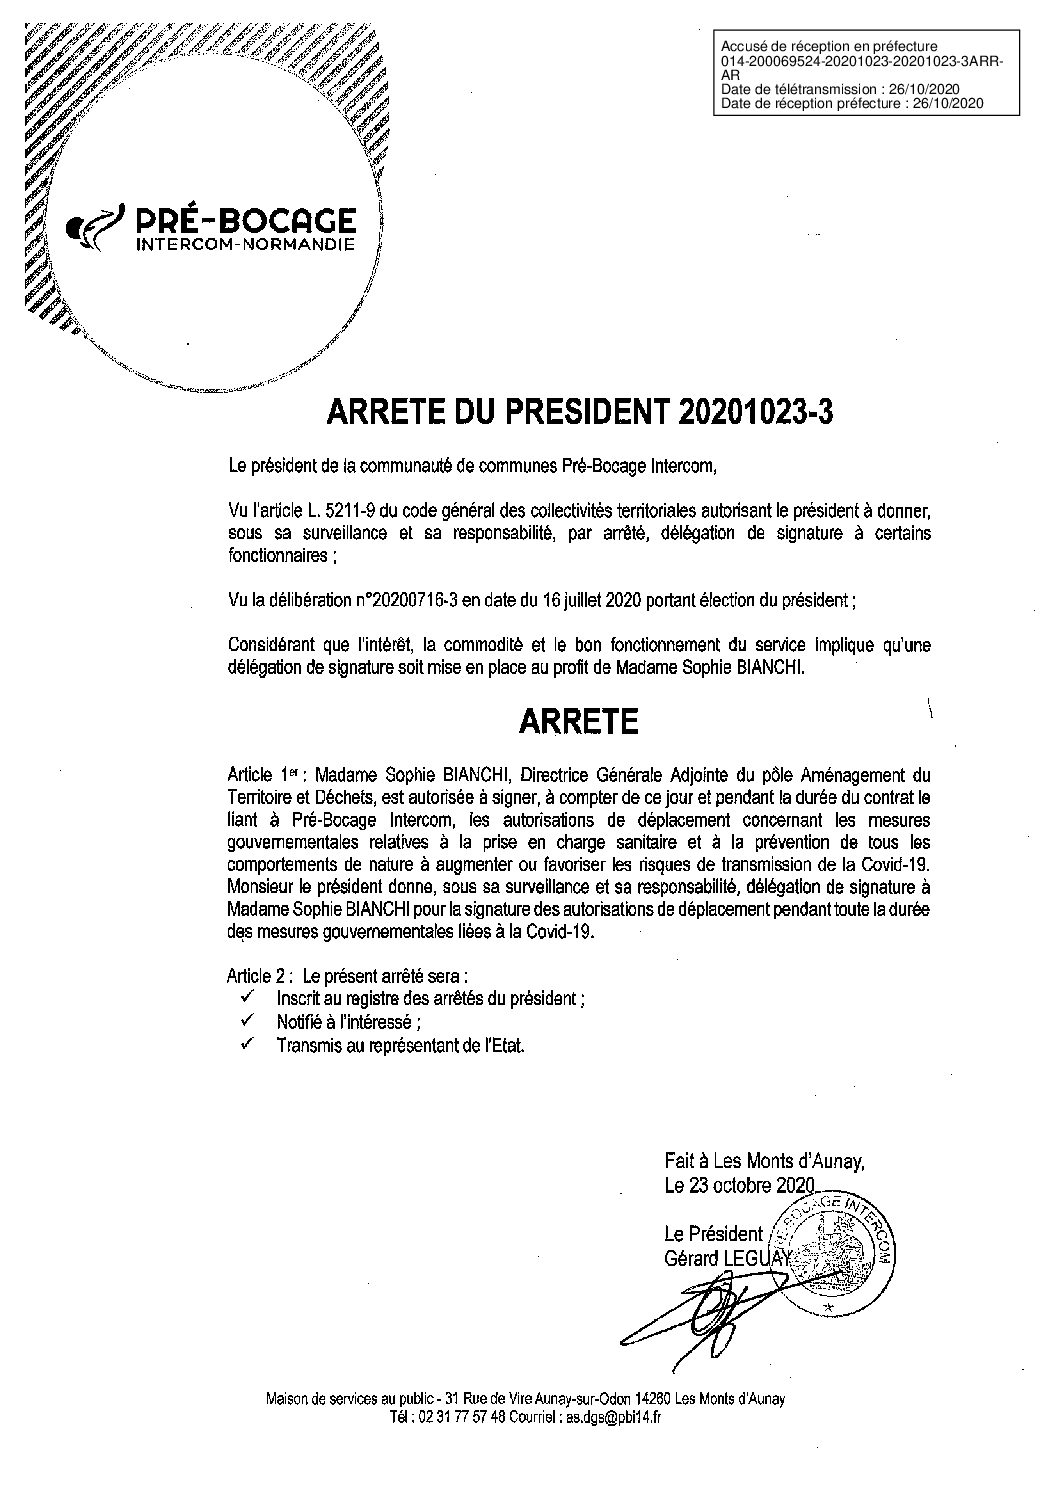 Décision déléguée du 23 octobre 2020